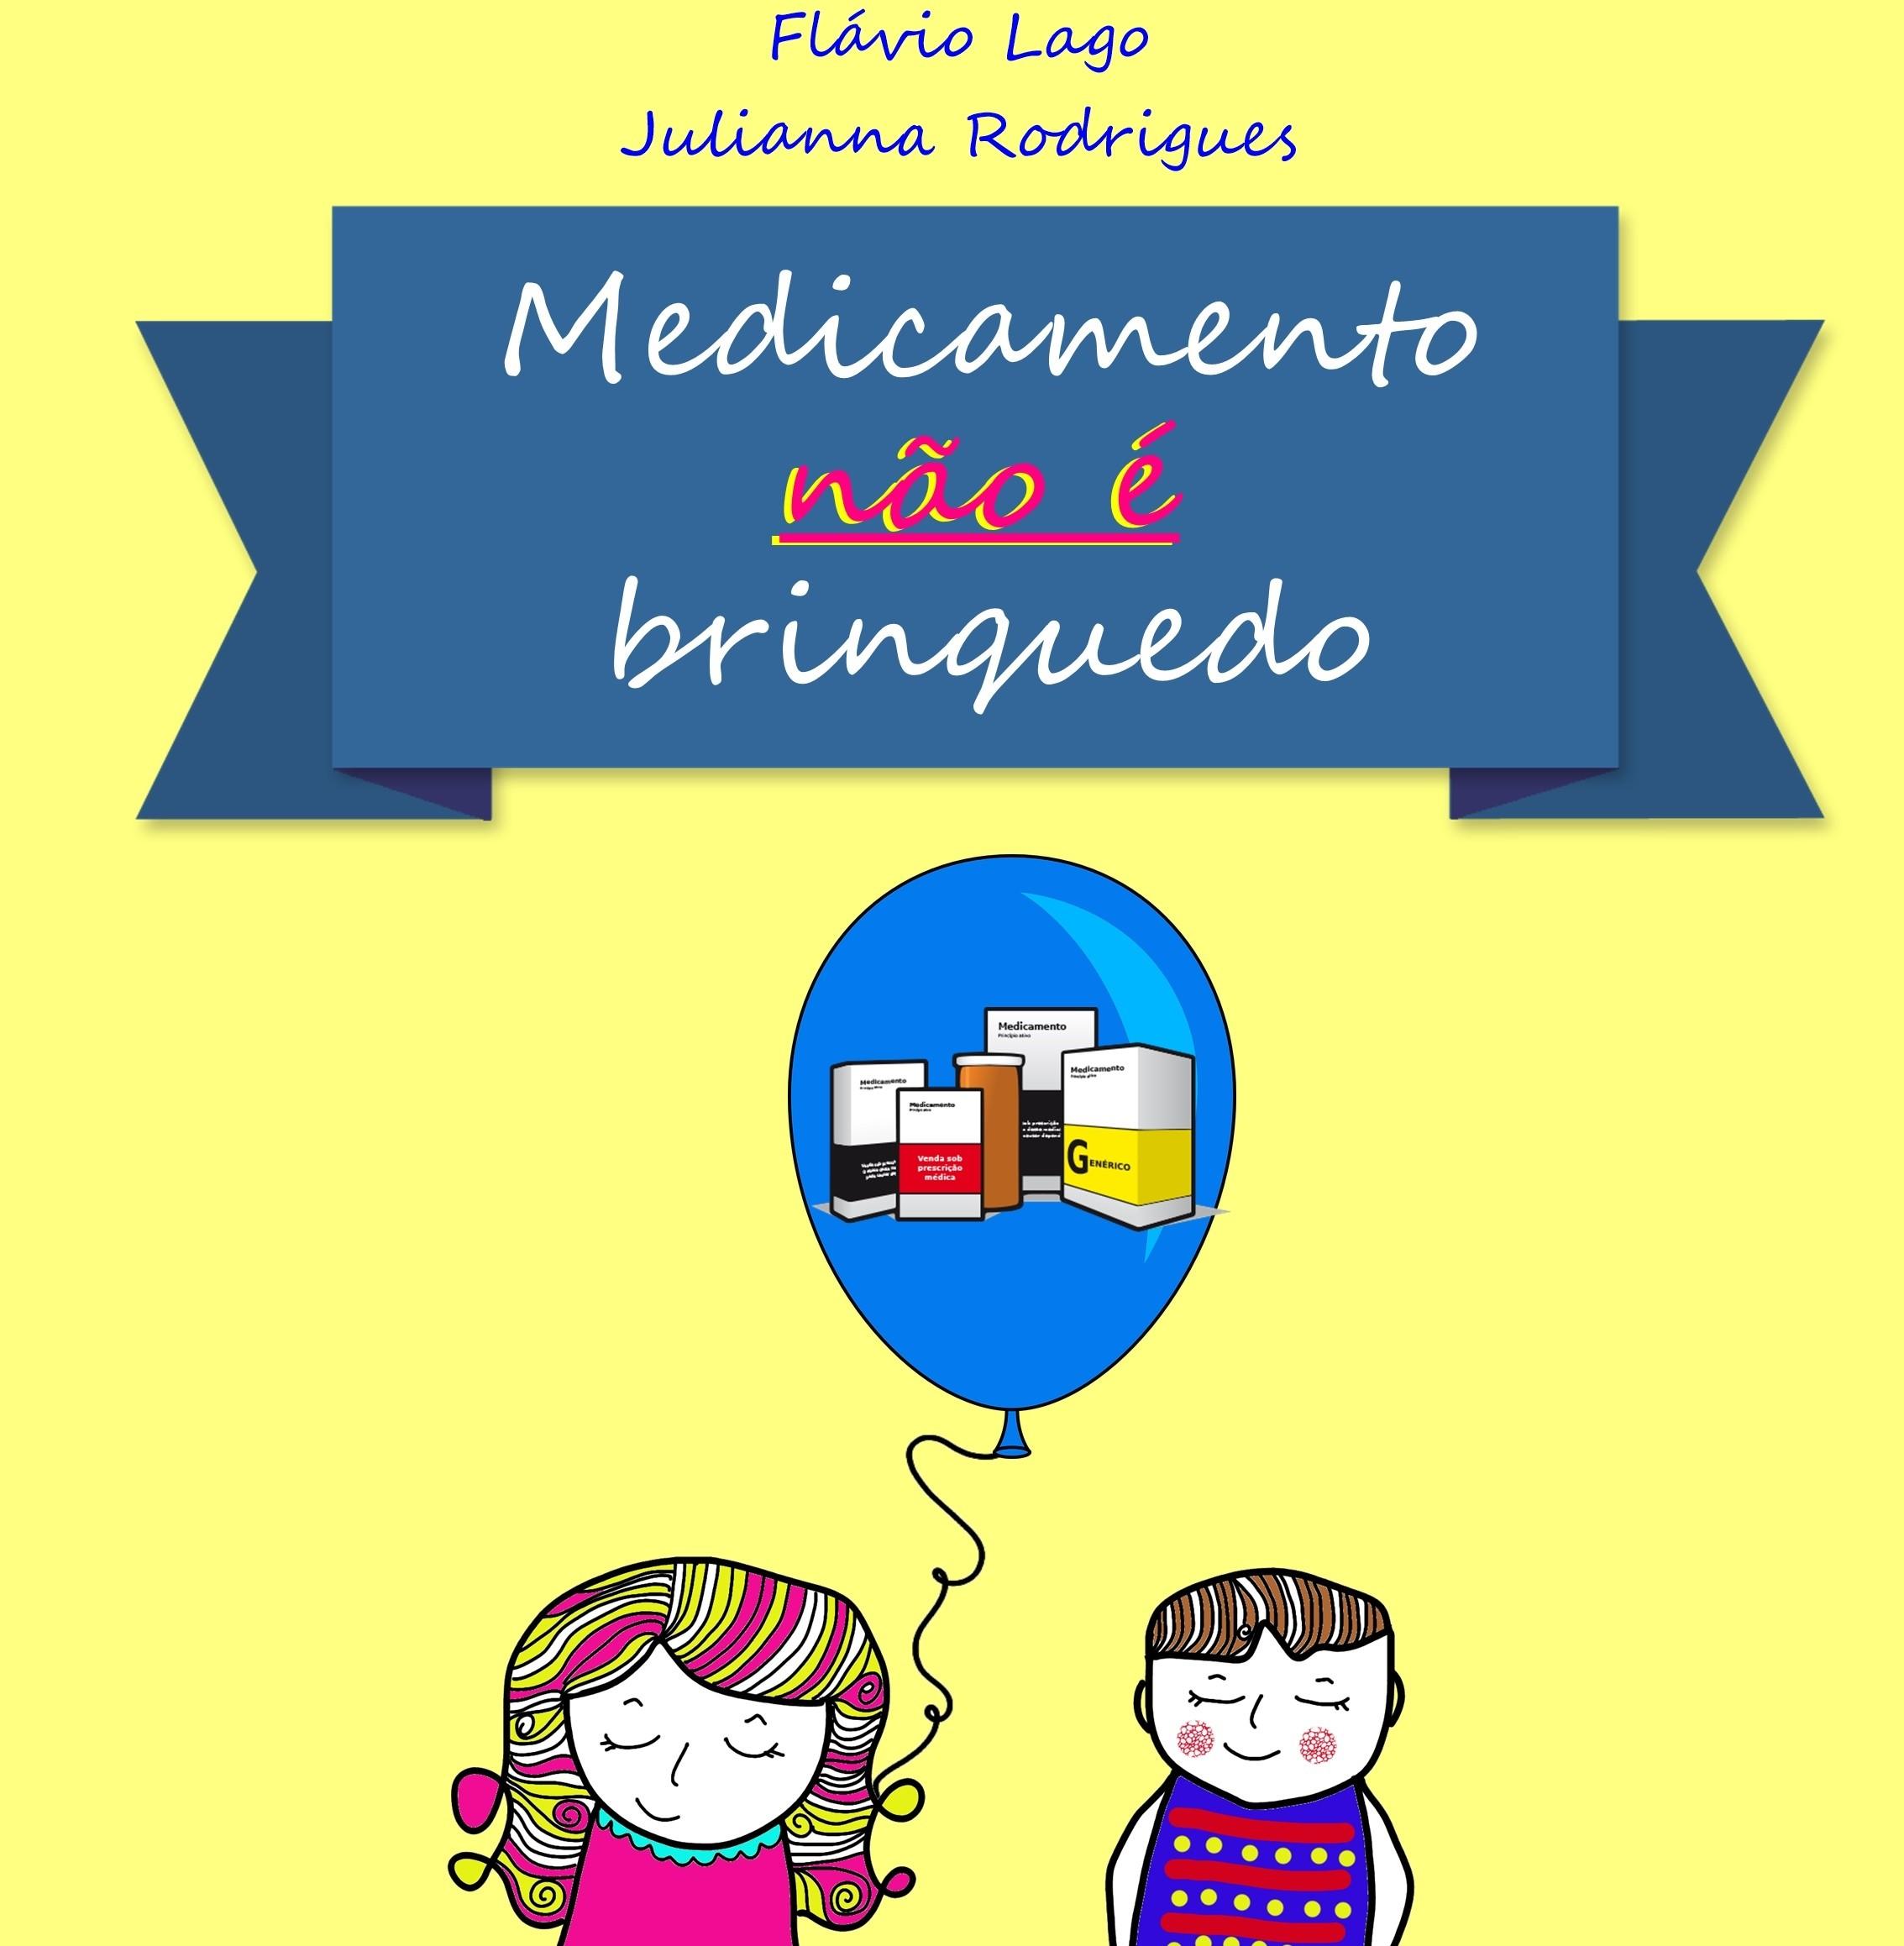 Medicamento não é brinquedo foi criado pelos amigos de infância, Julianna Rodrigues e Flávio Lago (Foto: Divulgação/Julianna Rodrigues)